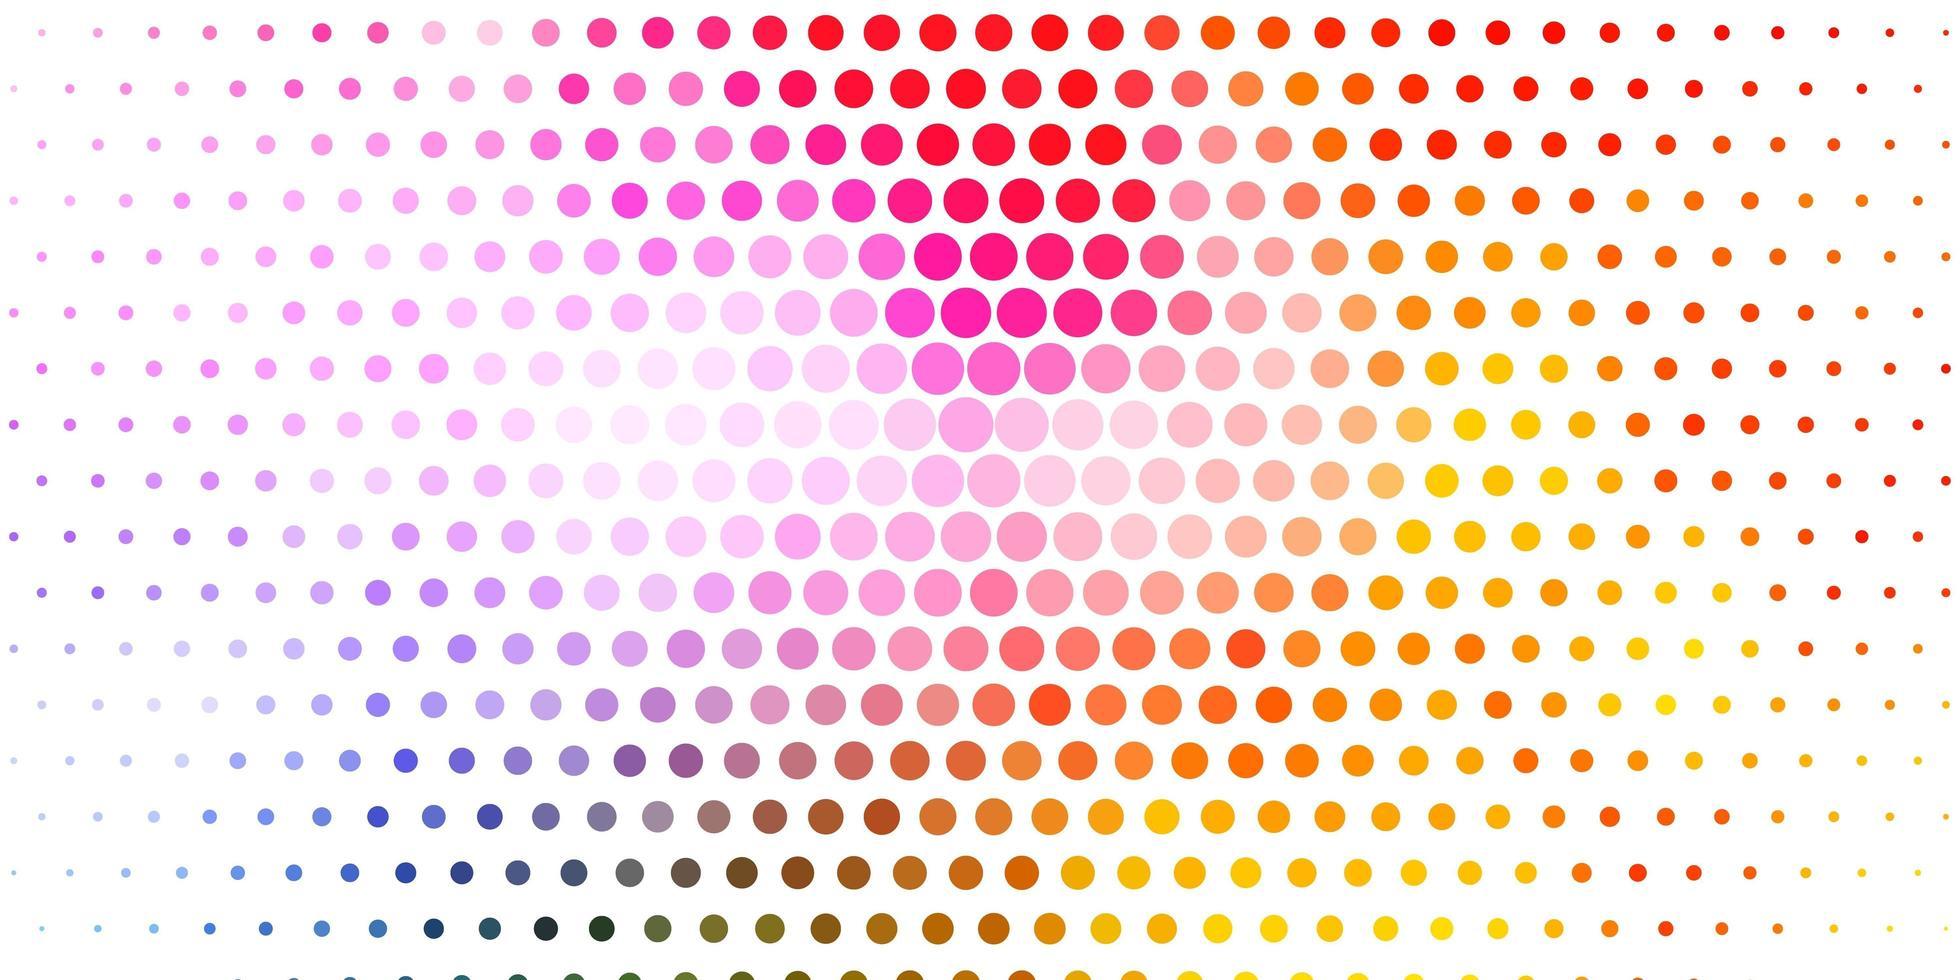 luz de fundo vector multicolor com manchas.